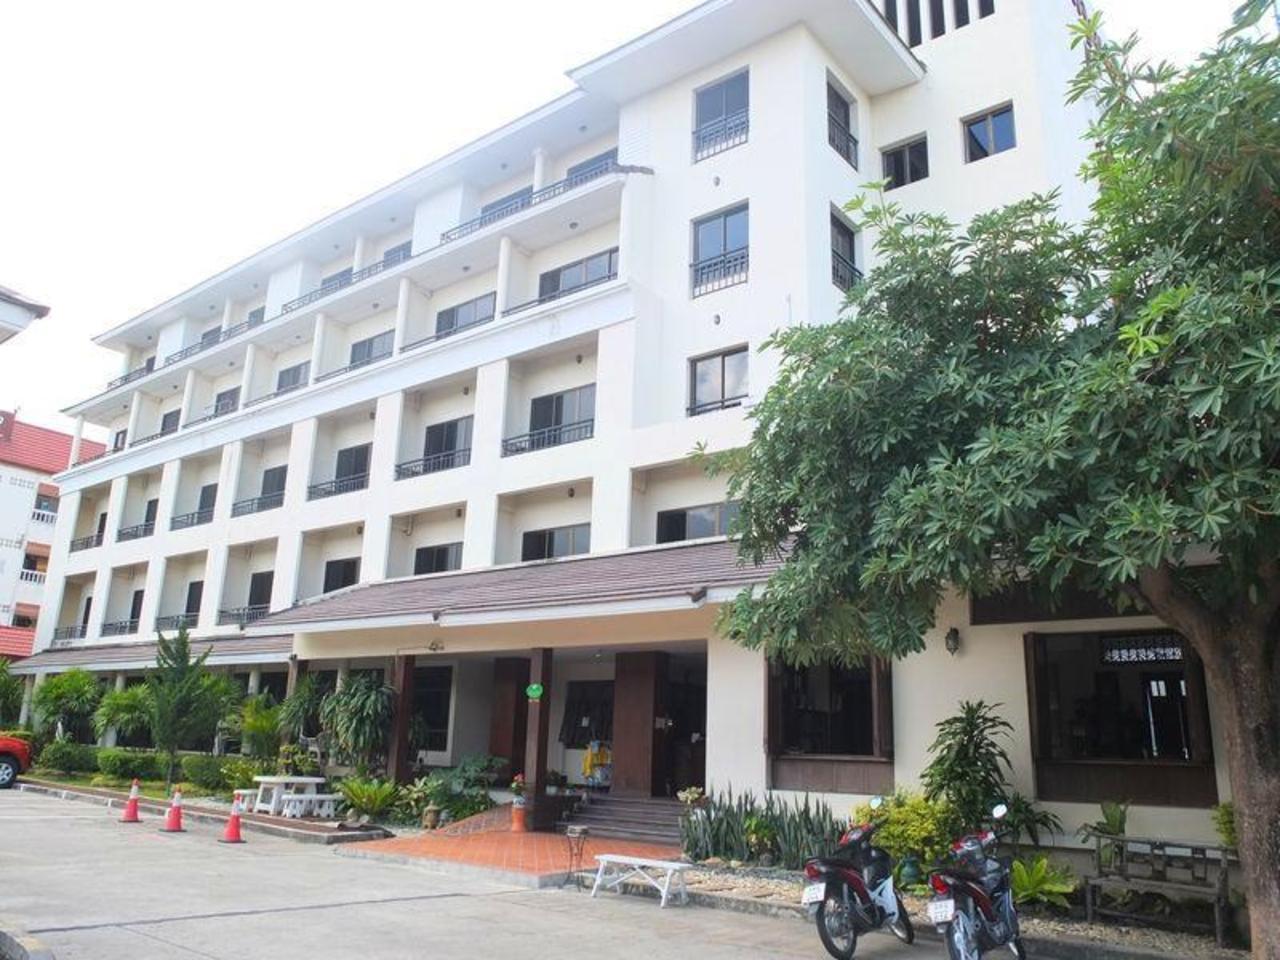 บ้าน คุณพ่อ โฮเต็ล (Baan Khun Poh Hotel)